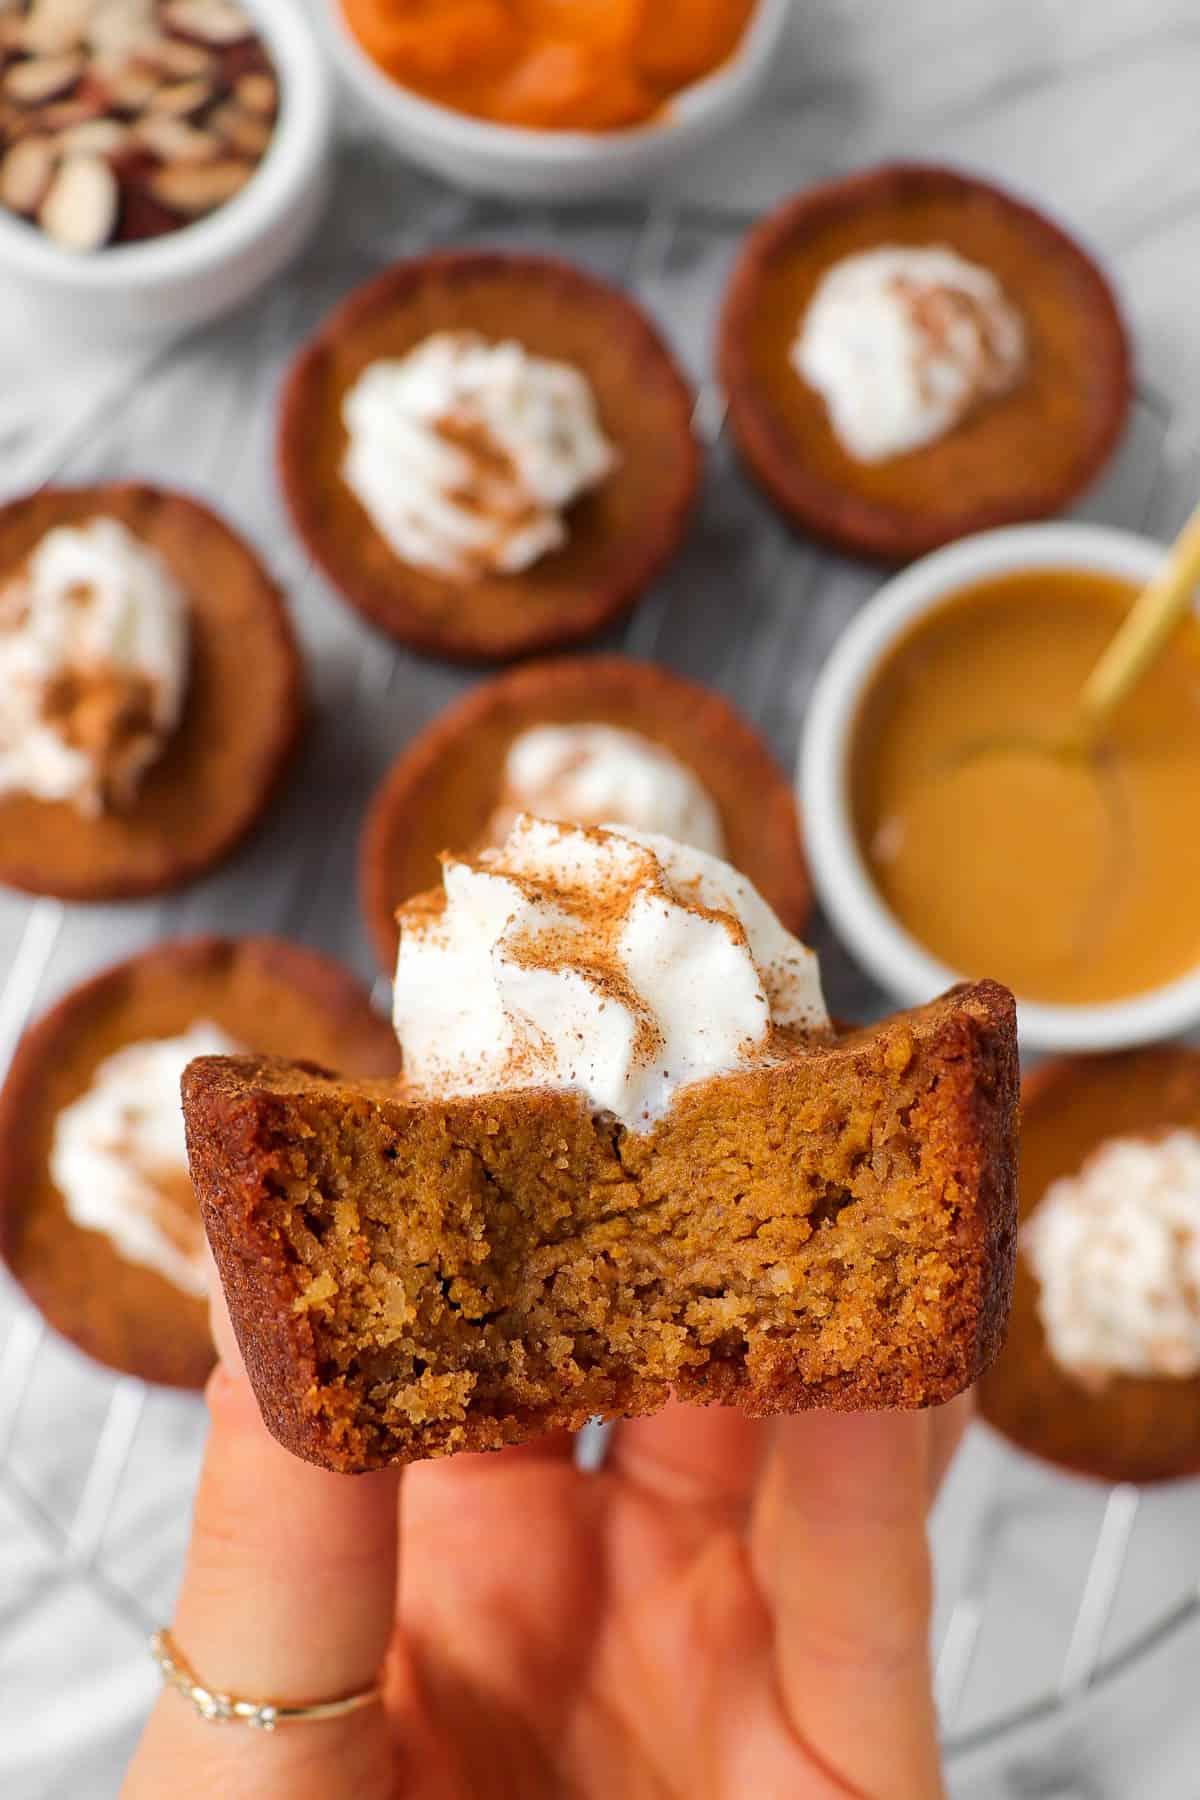 Bite shot of pumpkin pies in hand.